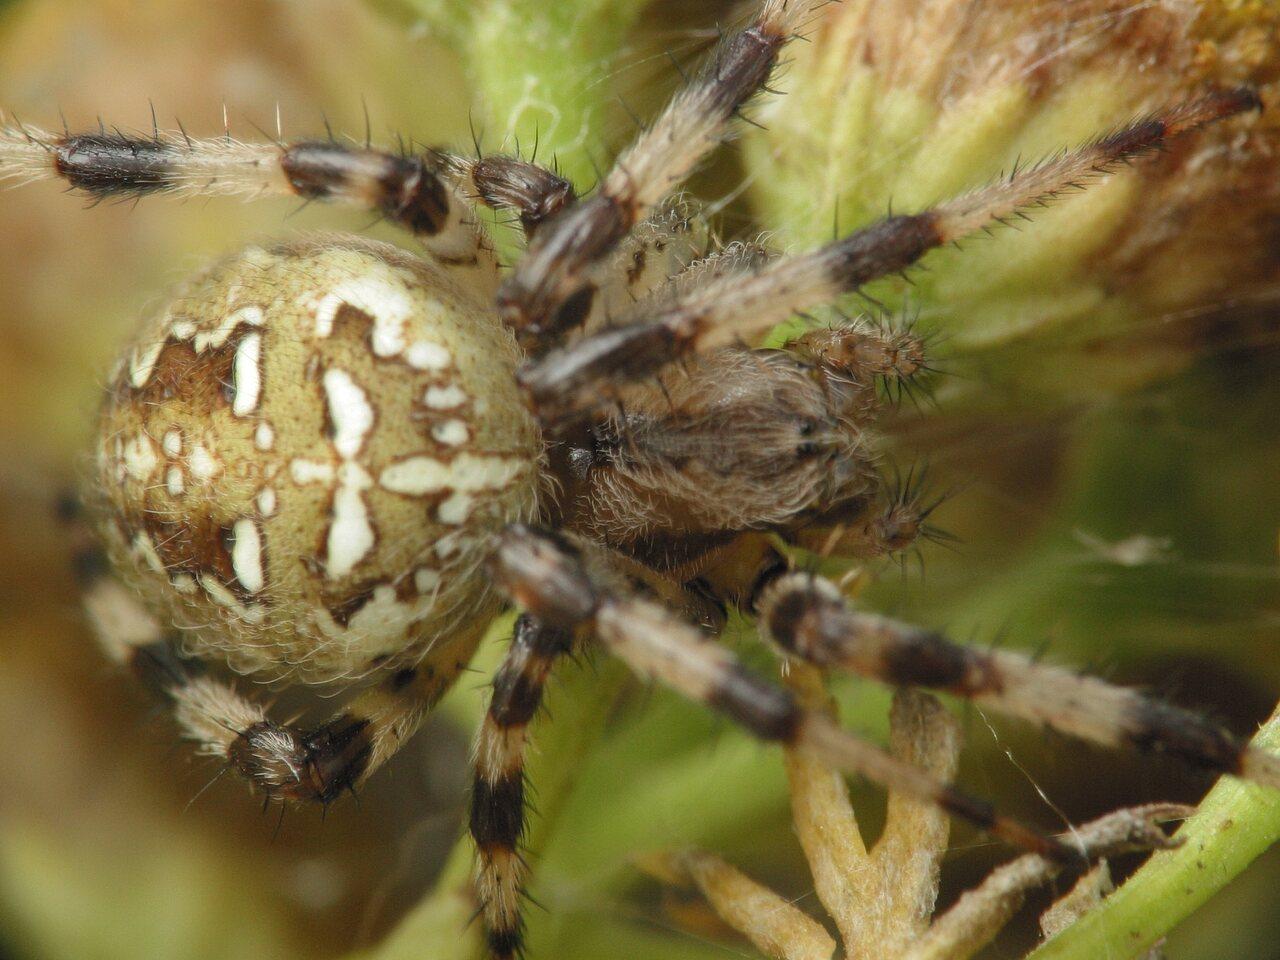 Araneus-quadratus-4256.jpg